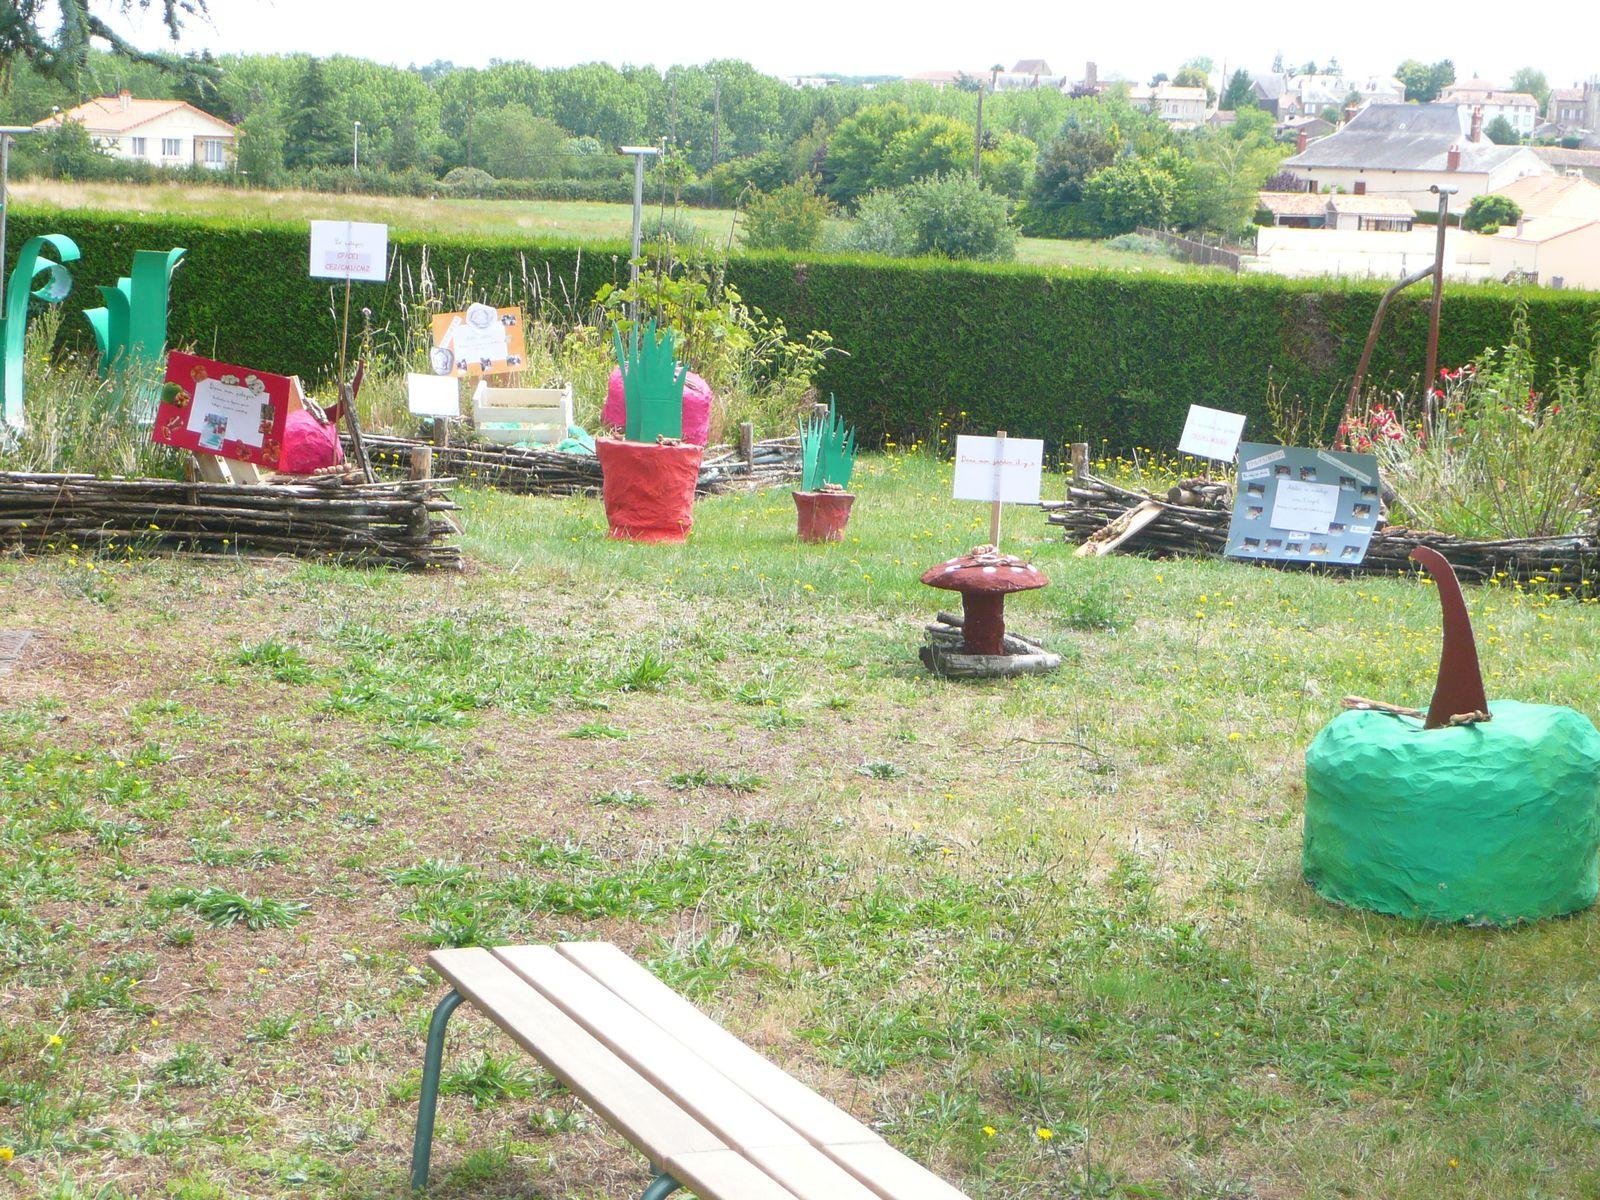 Album jardin des 5 sens ecole maternelle primaire for Jardin 44 des 5 sens